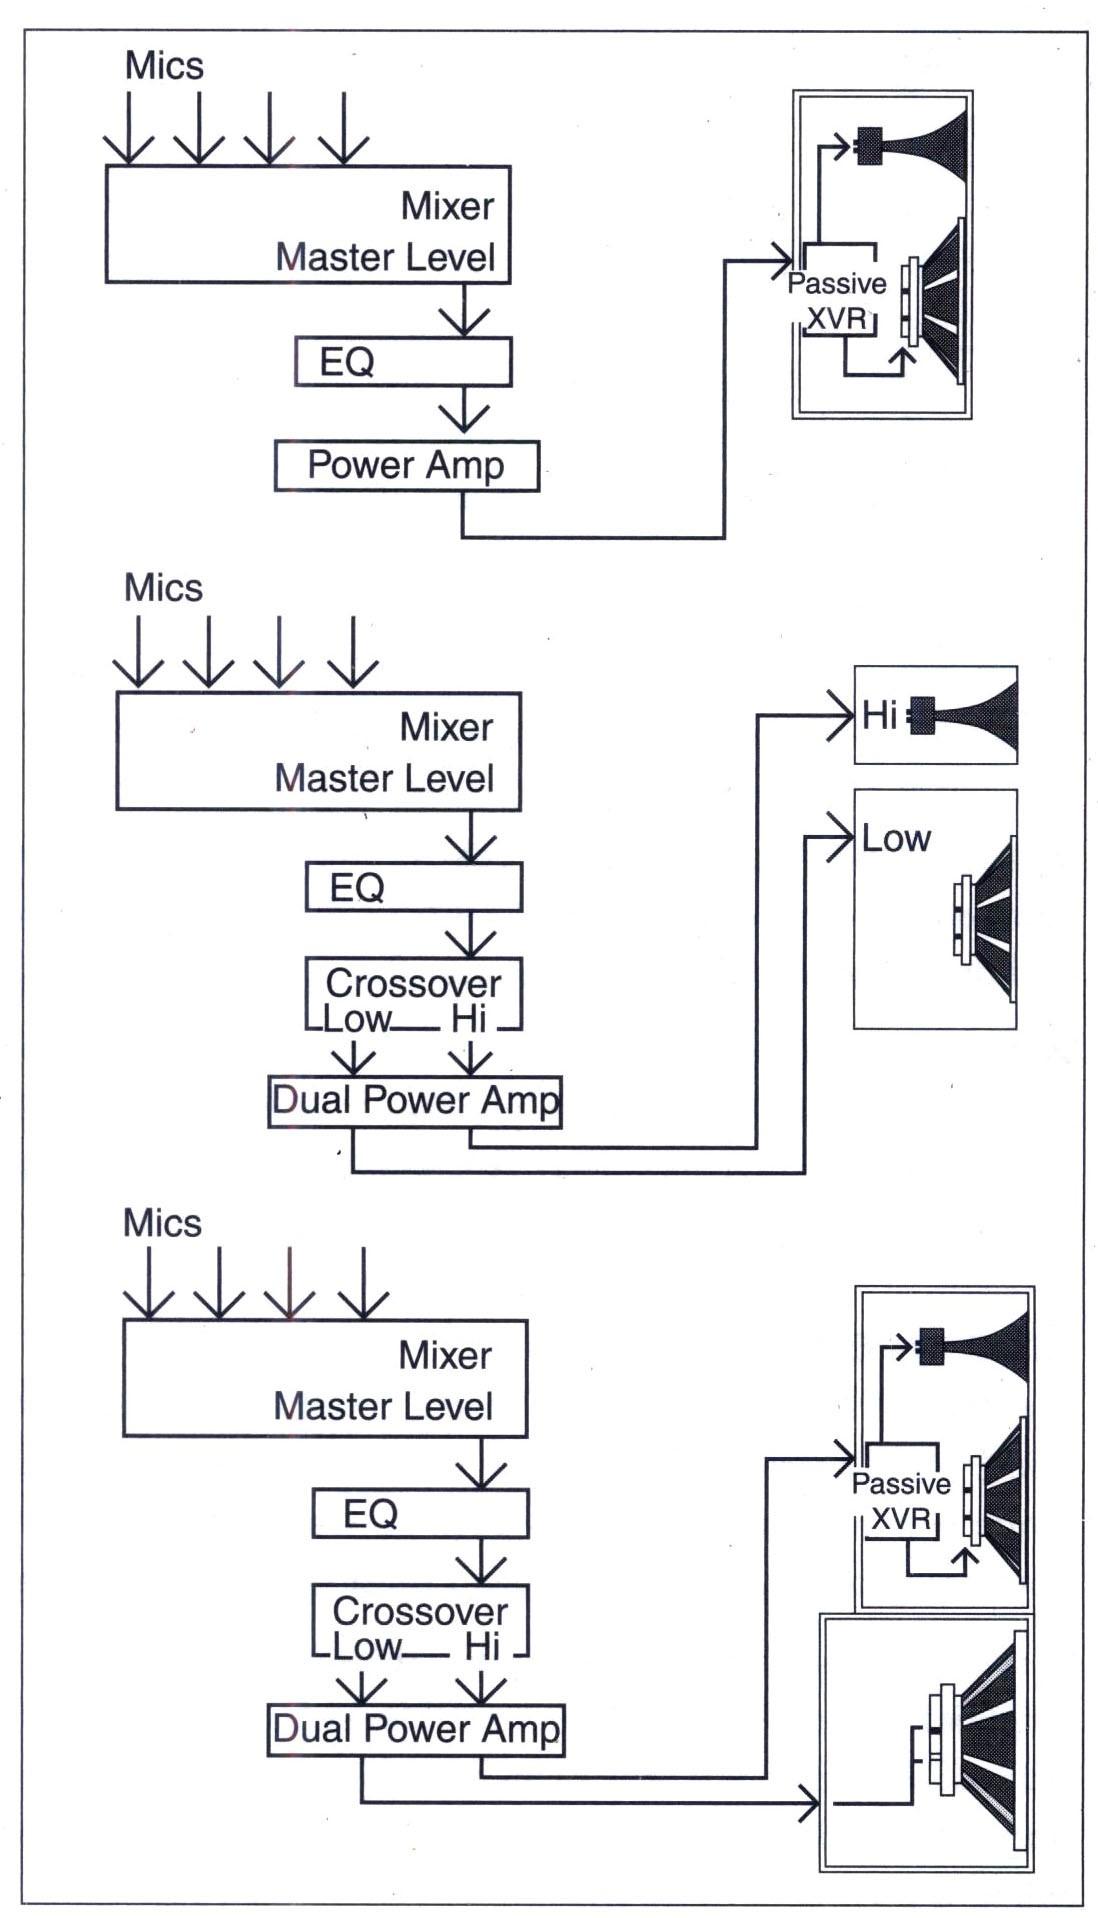 Công dụng của Crossover mạch phân tần là gì